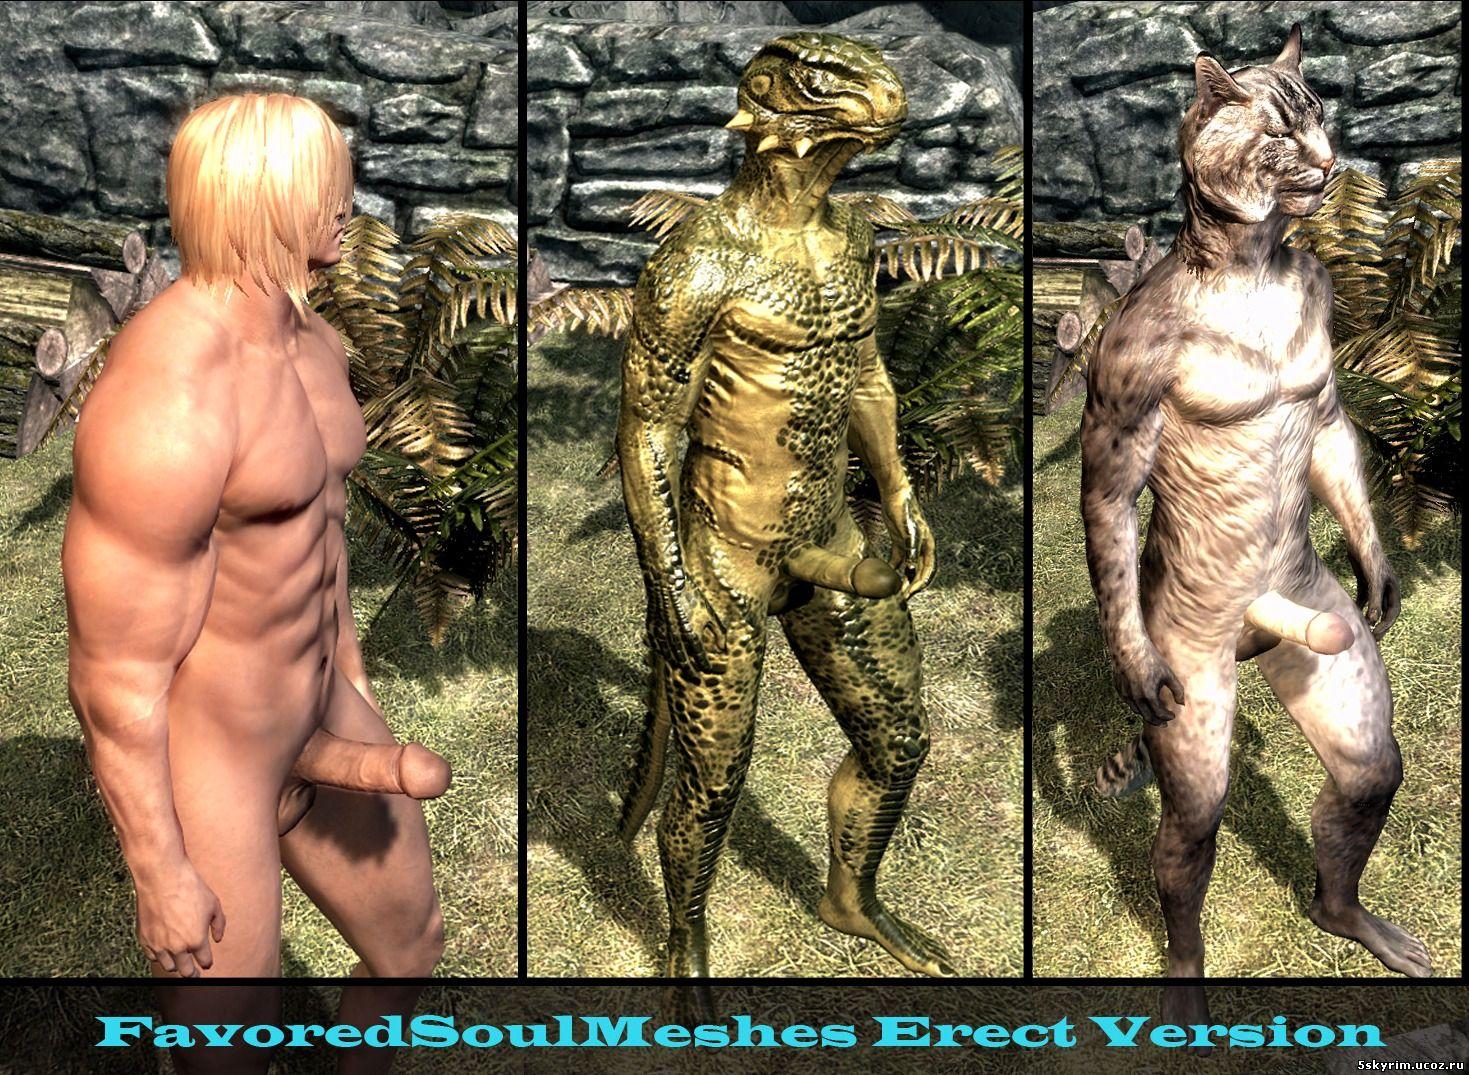 Сексуальная детка - легкая броня под UNPBO » Моды на Скайрим